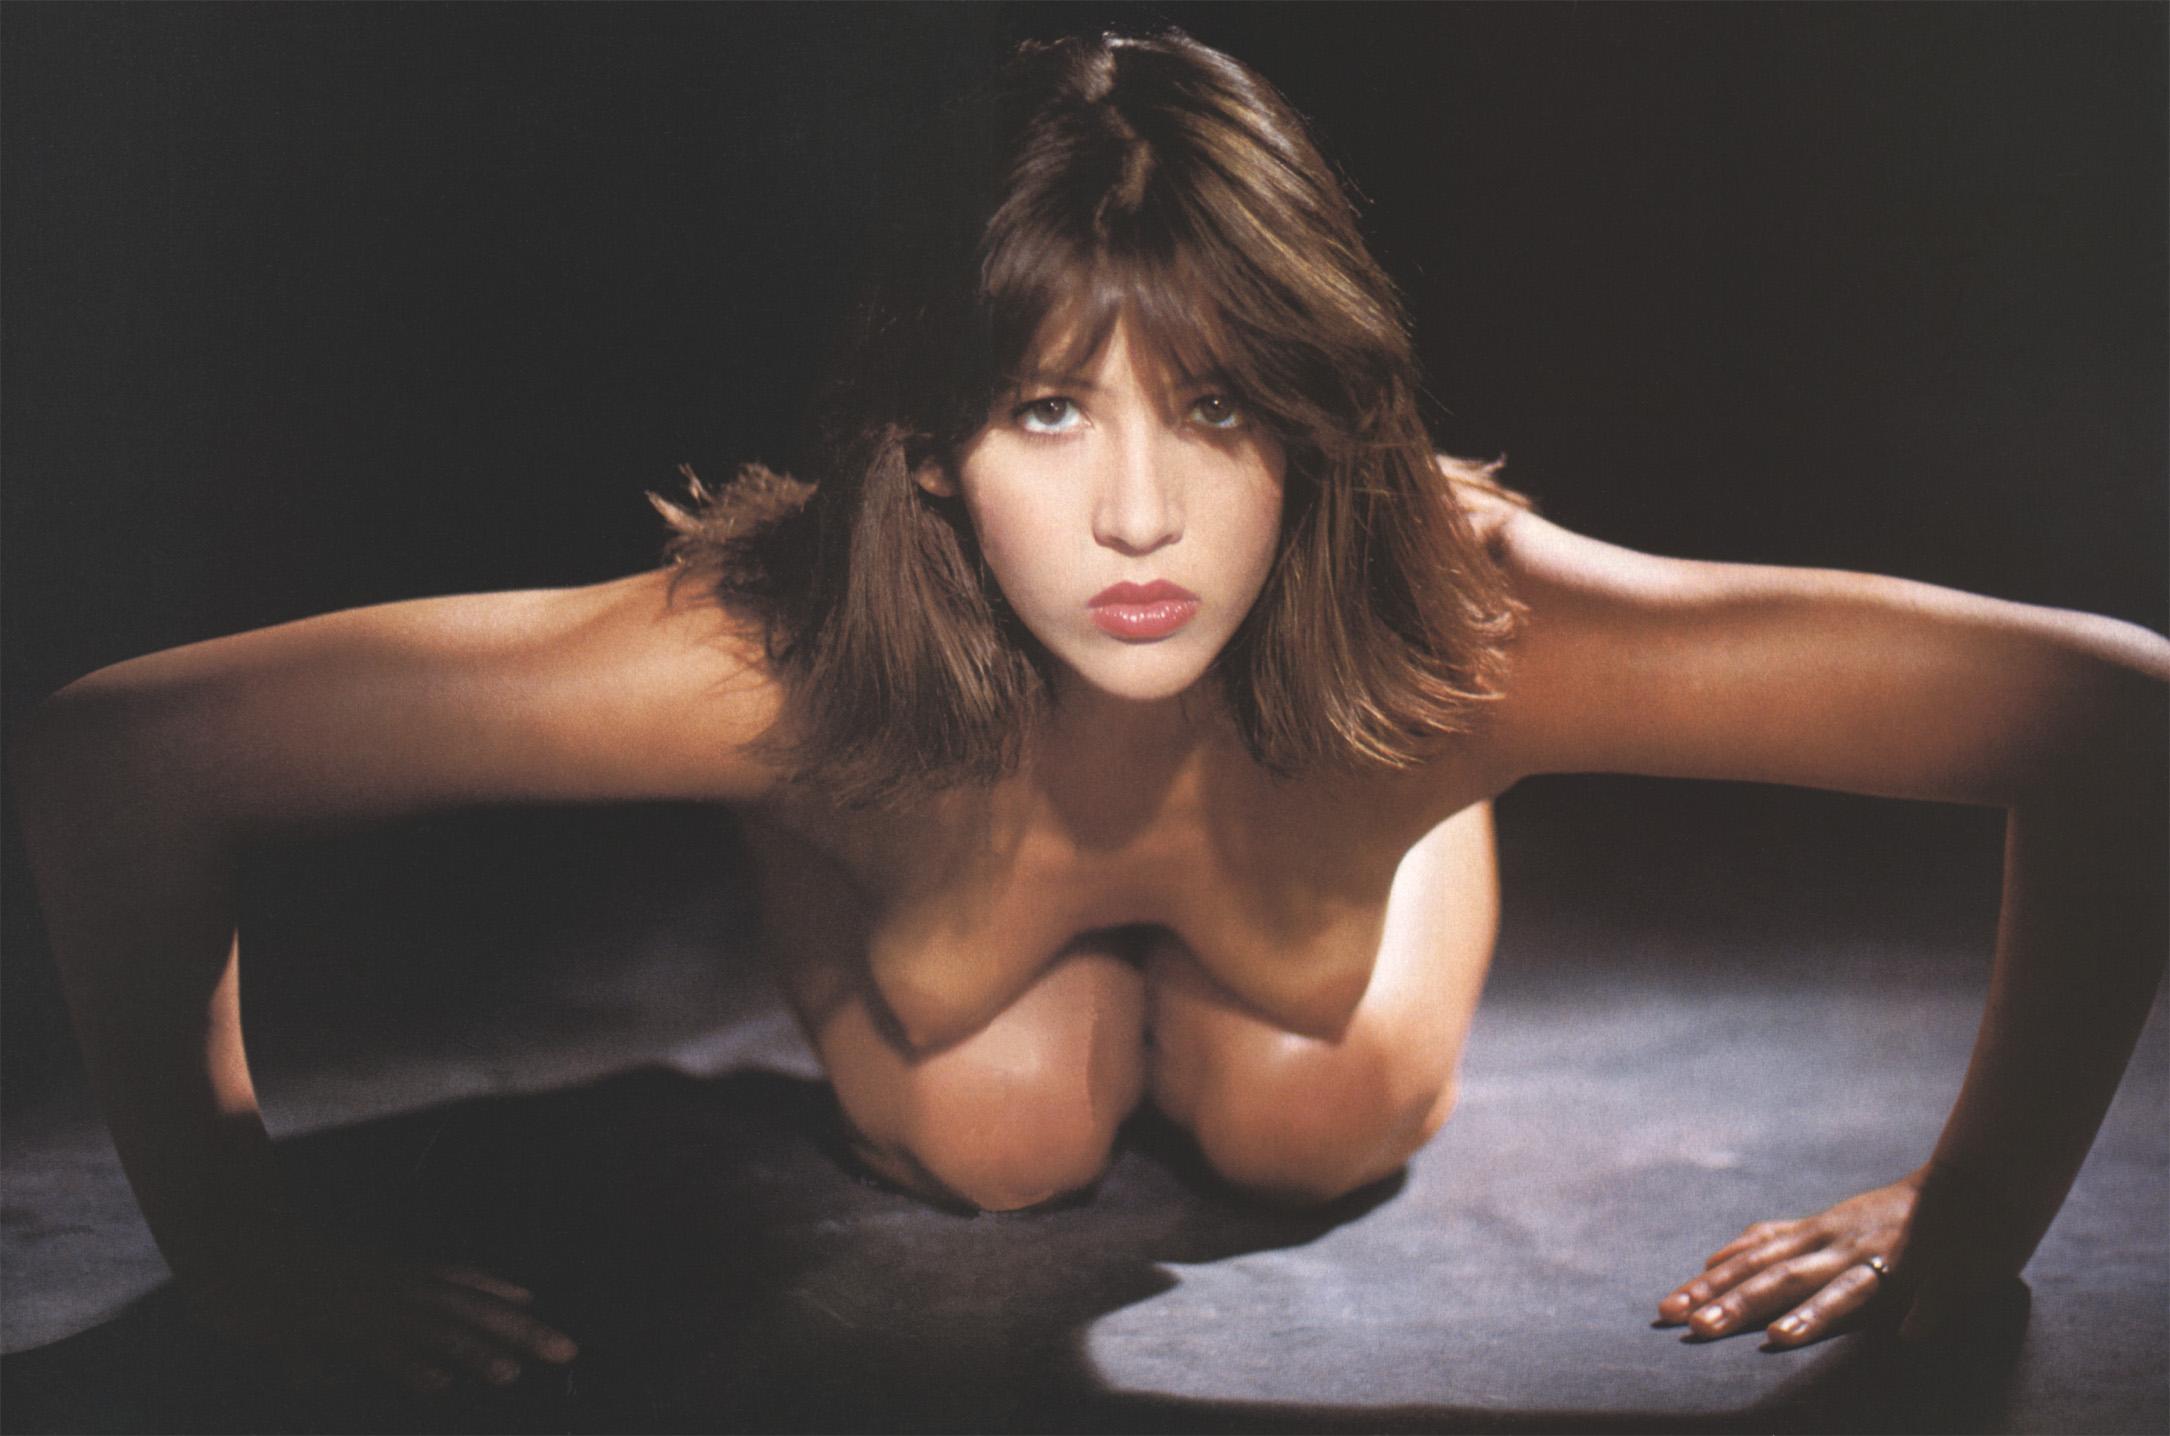 film francese erotico escort wikipedia